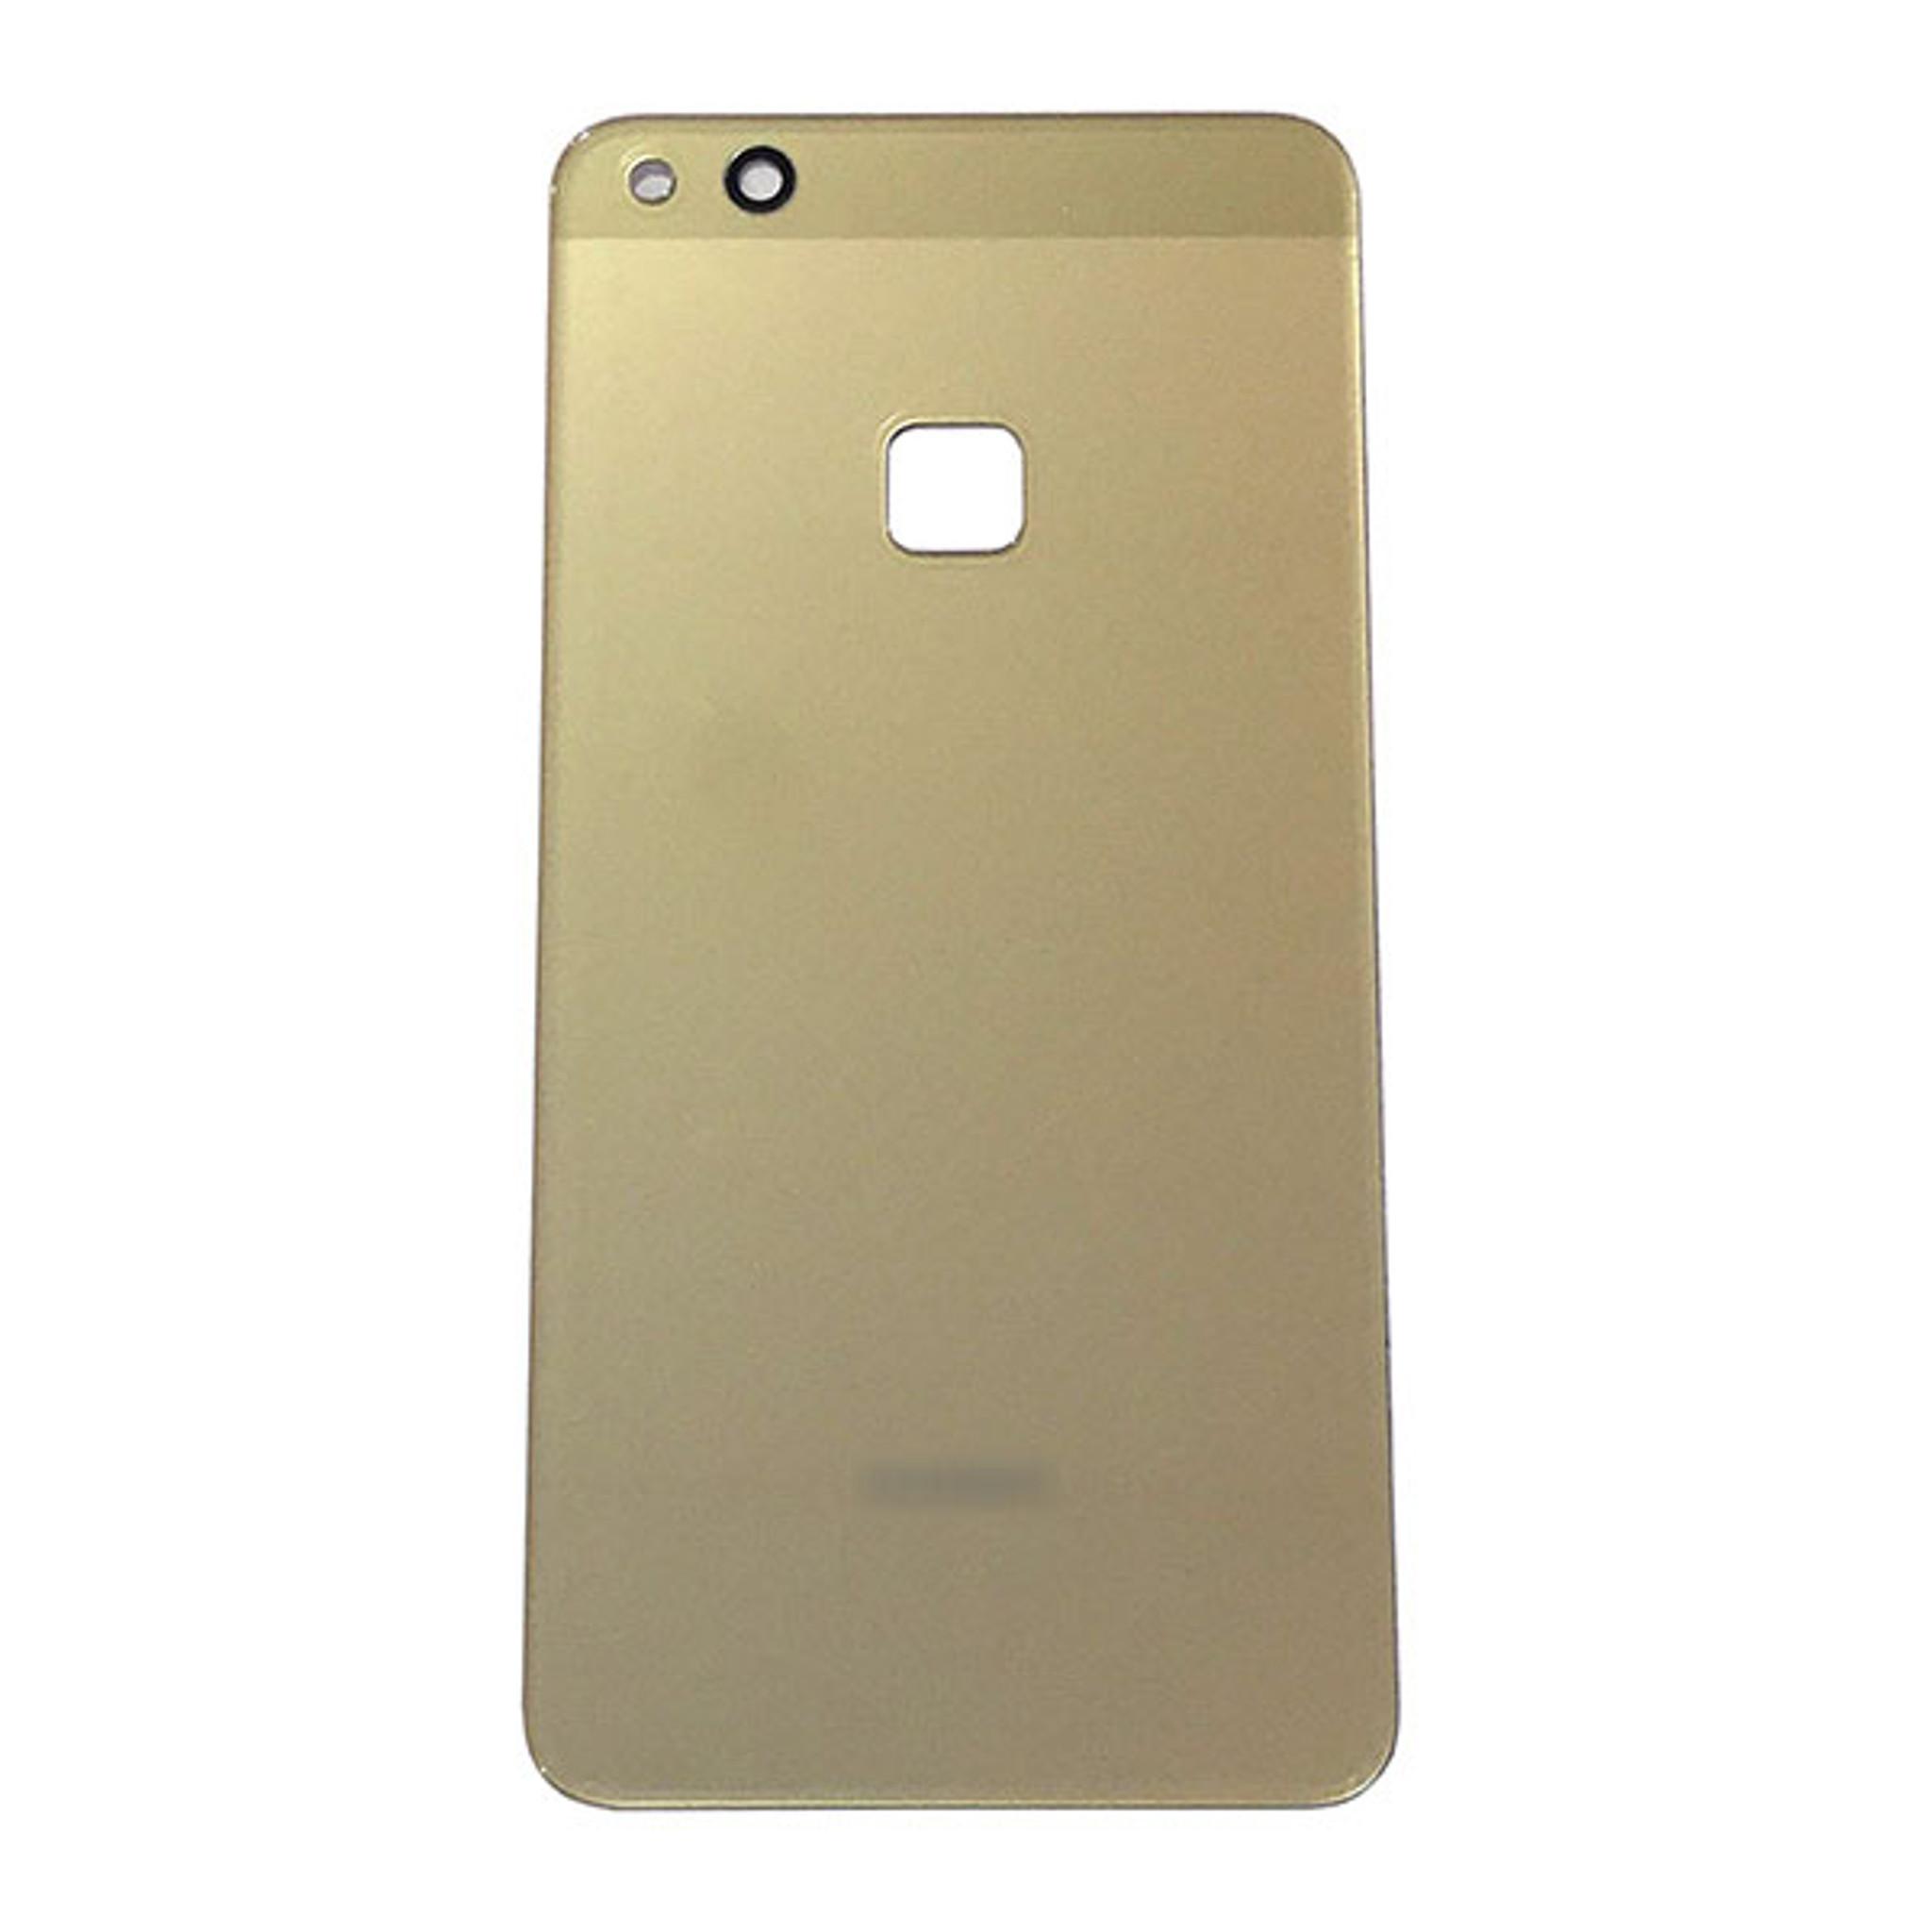 l'atteggiamento migliore 13e2b 8ba33 Back Glass Cover for Huawei P10 Lite -Gold